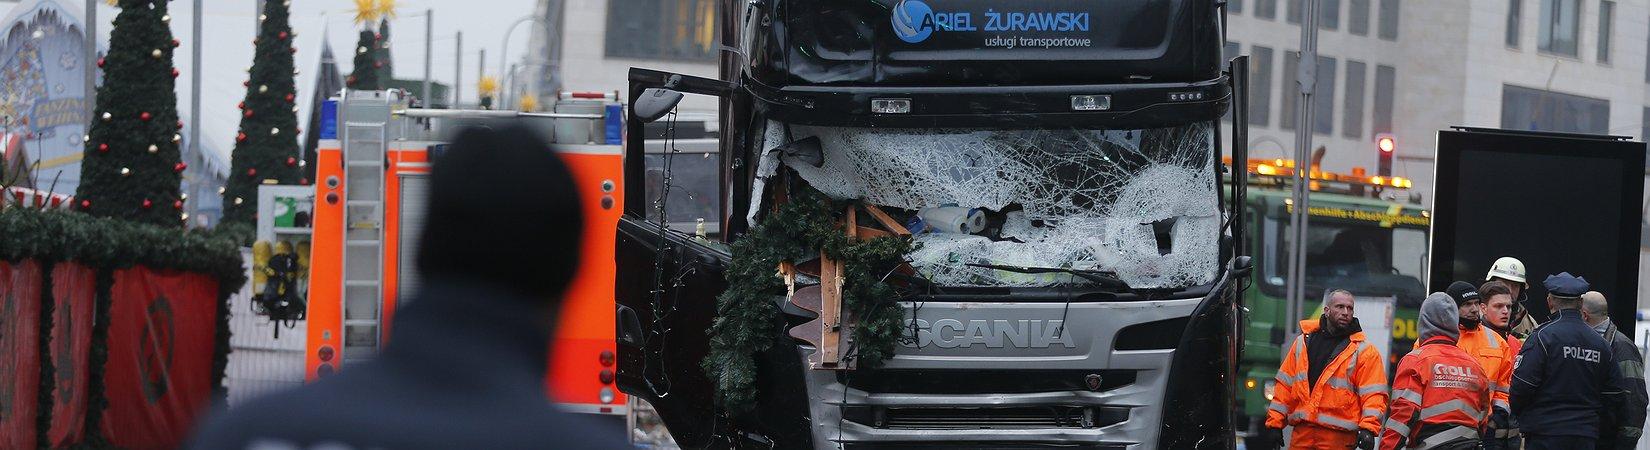 12 Pessoas morreram após investida de camião em mercado de Natal em Berlim